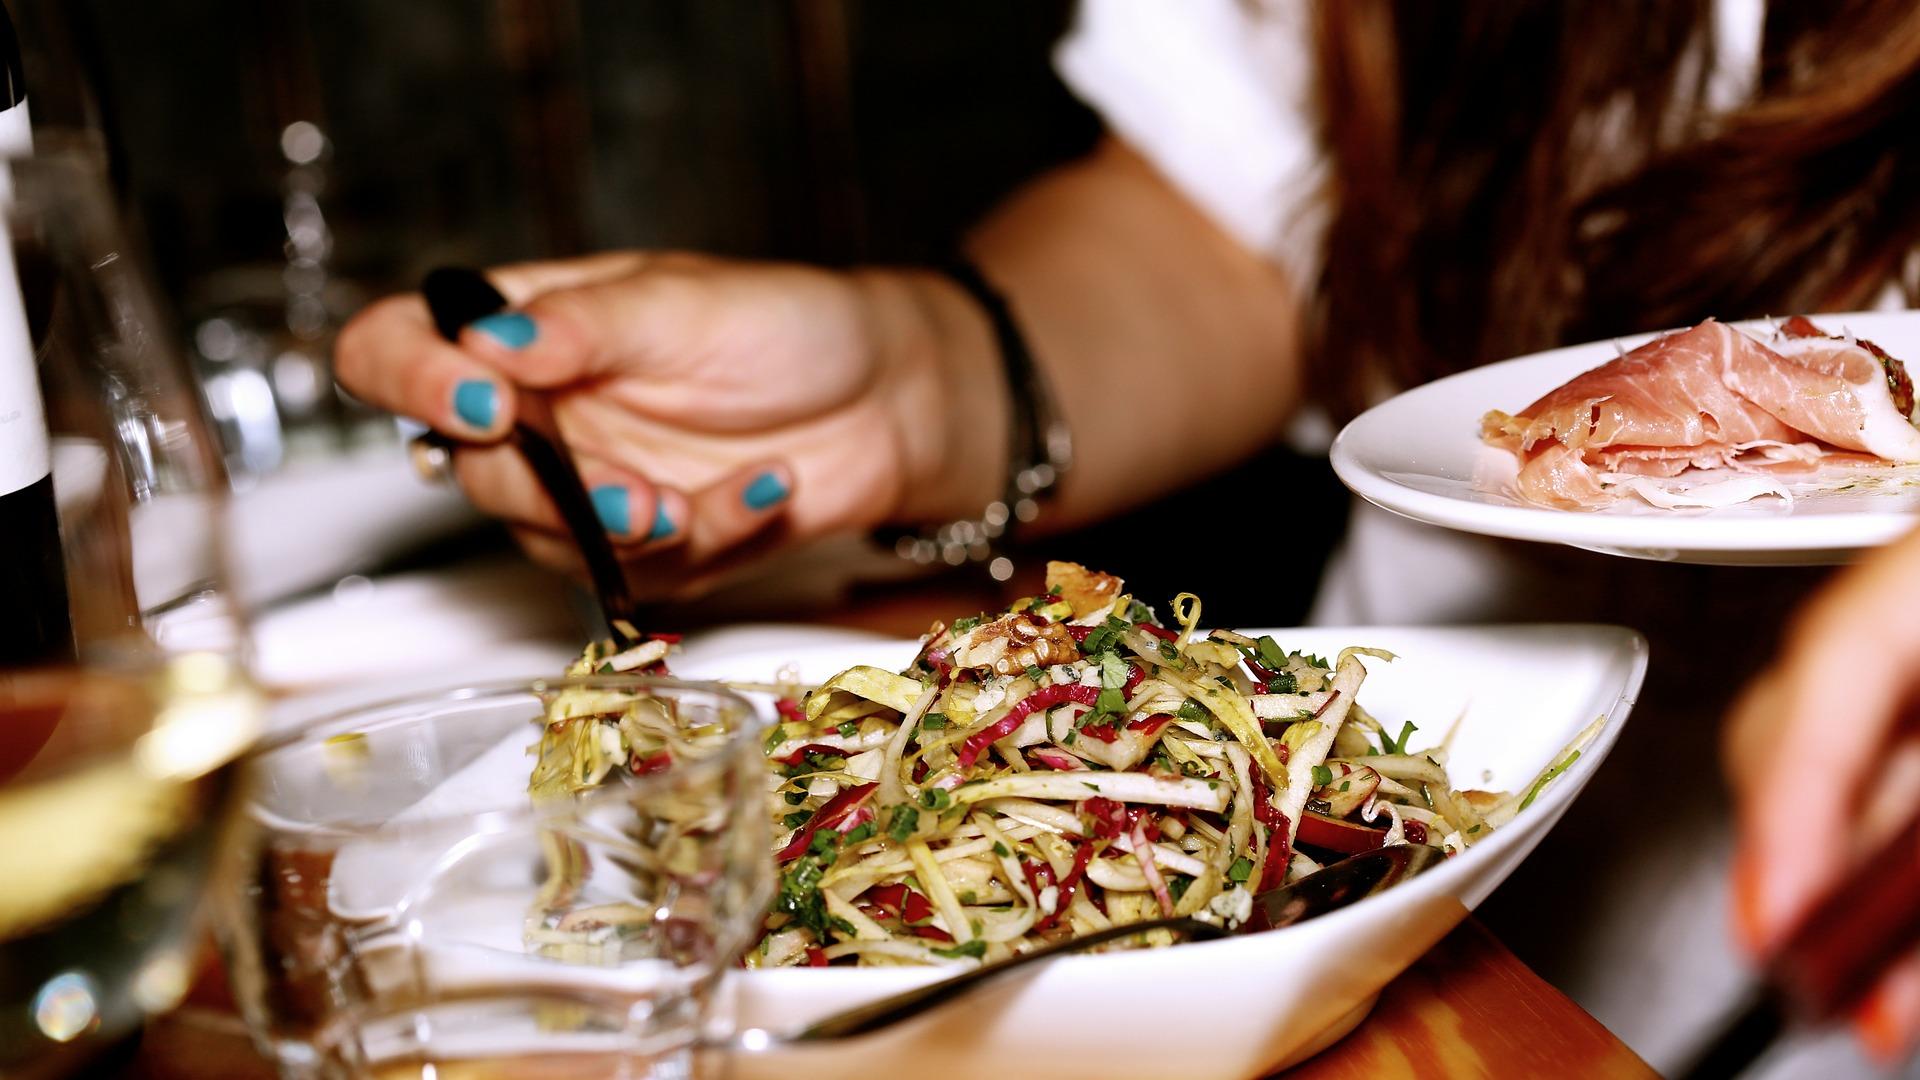 vege salad on the plate